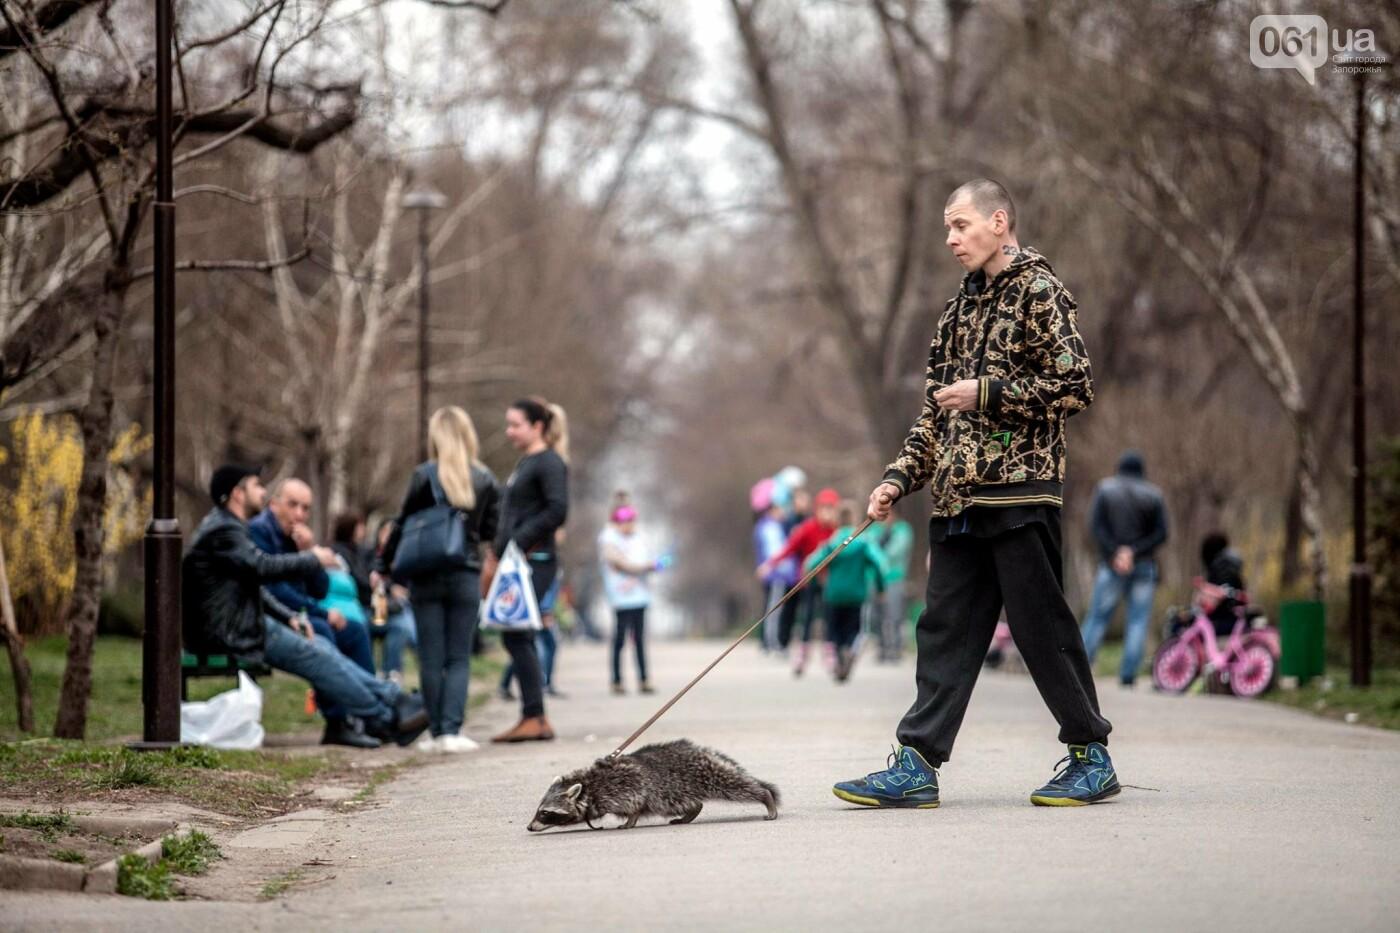 Киевский фотограф показал Кичкас в 50 фотографиях: «своя особая красота», - ФОТОРЕПОРТАЖ, фото-5